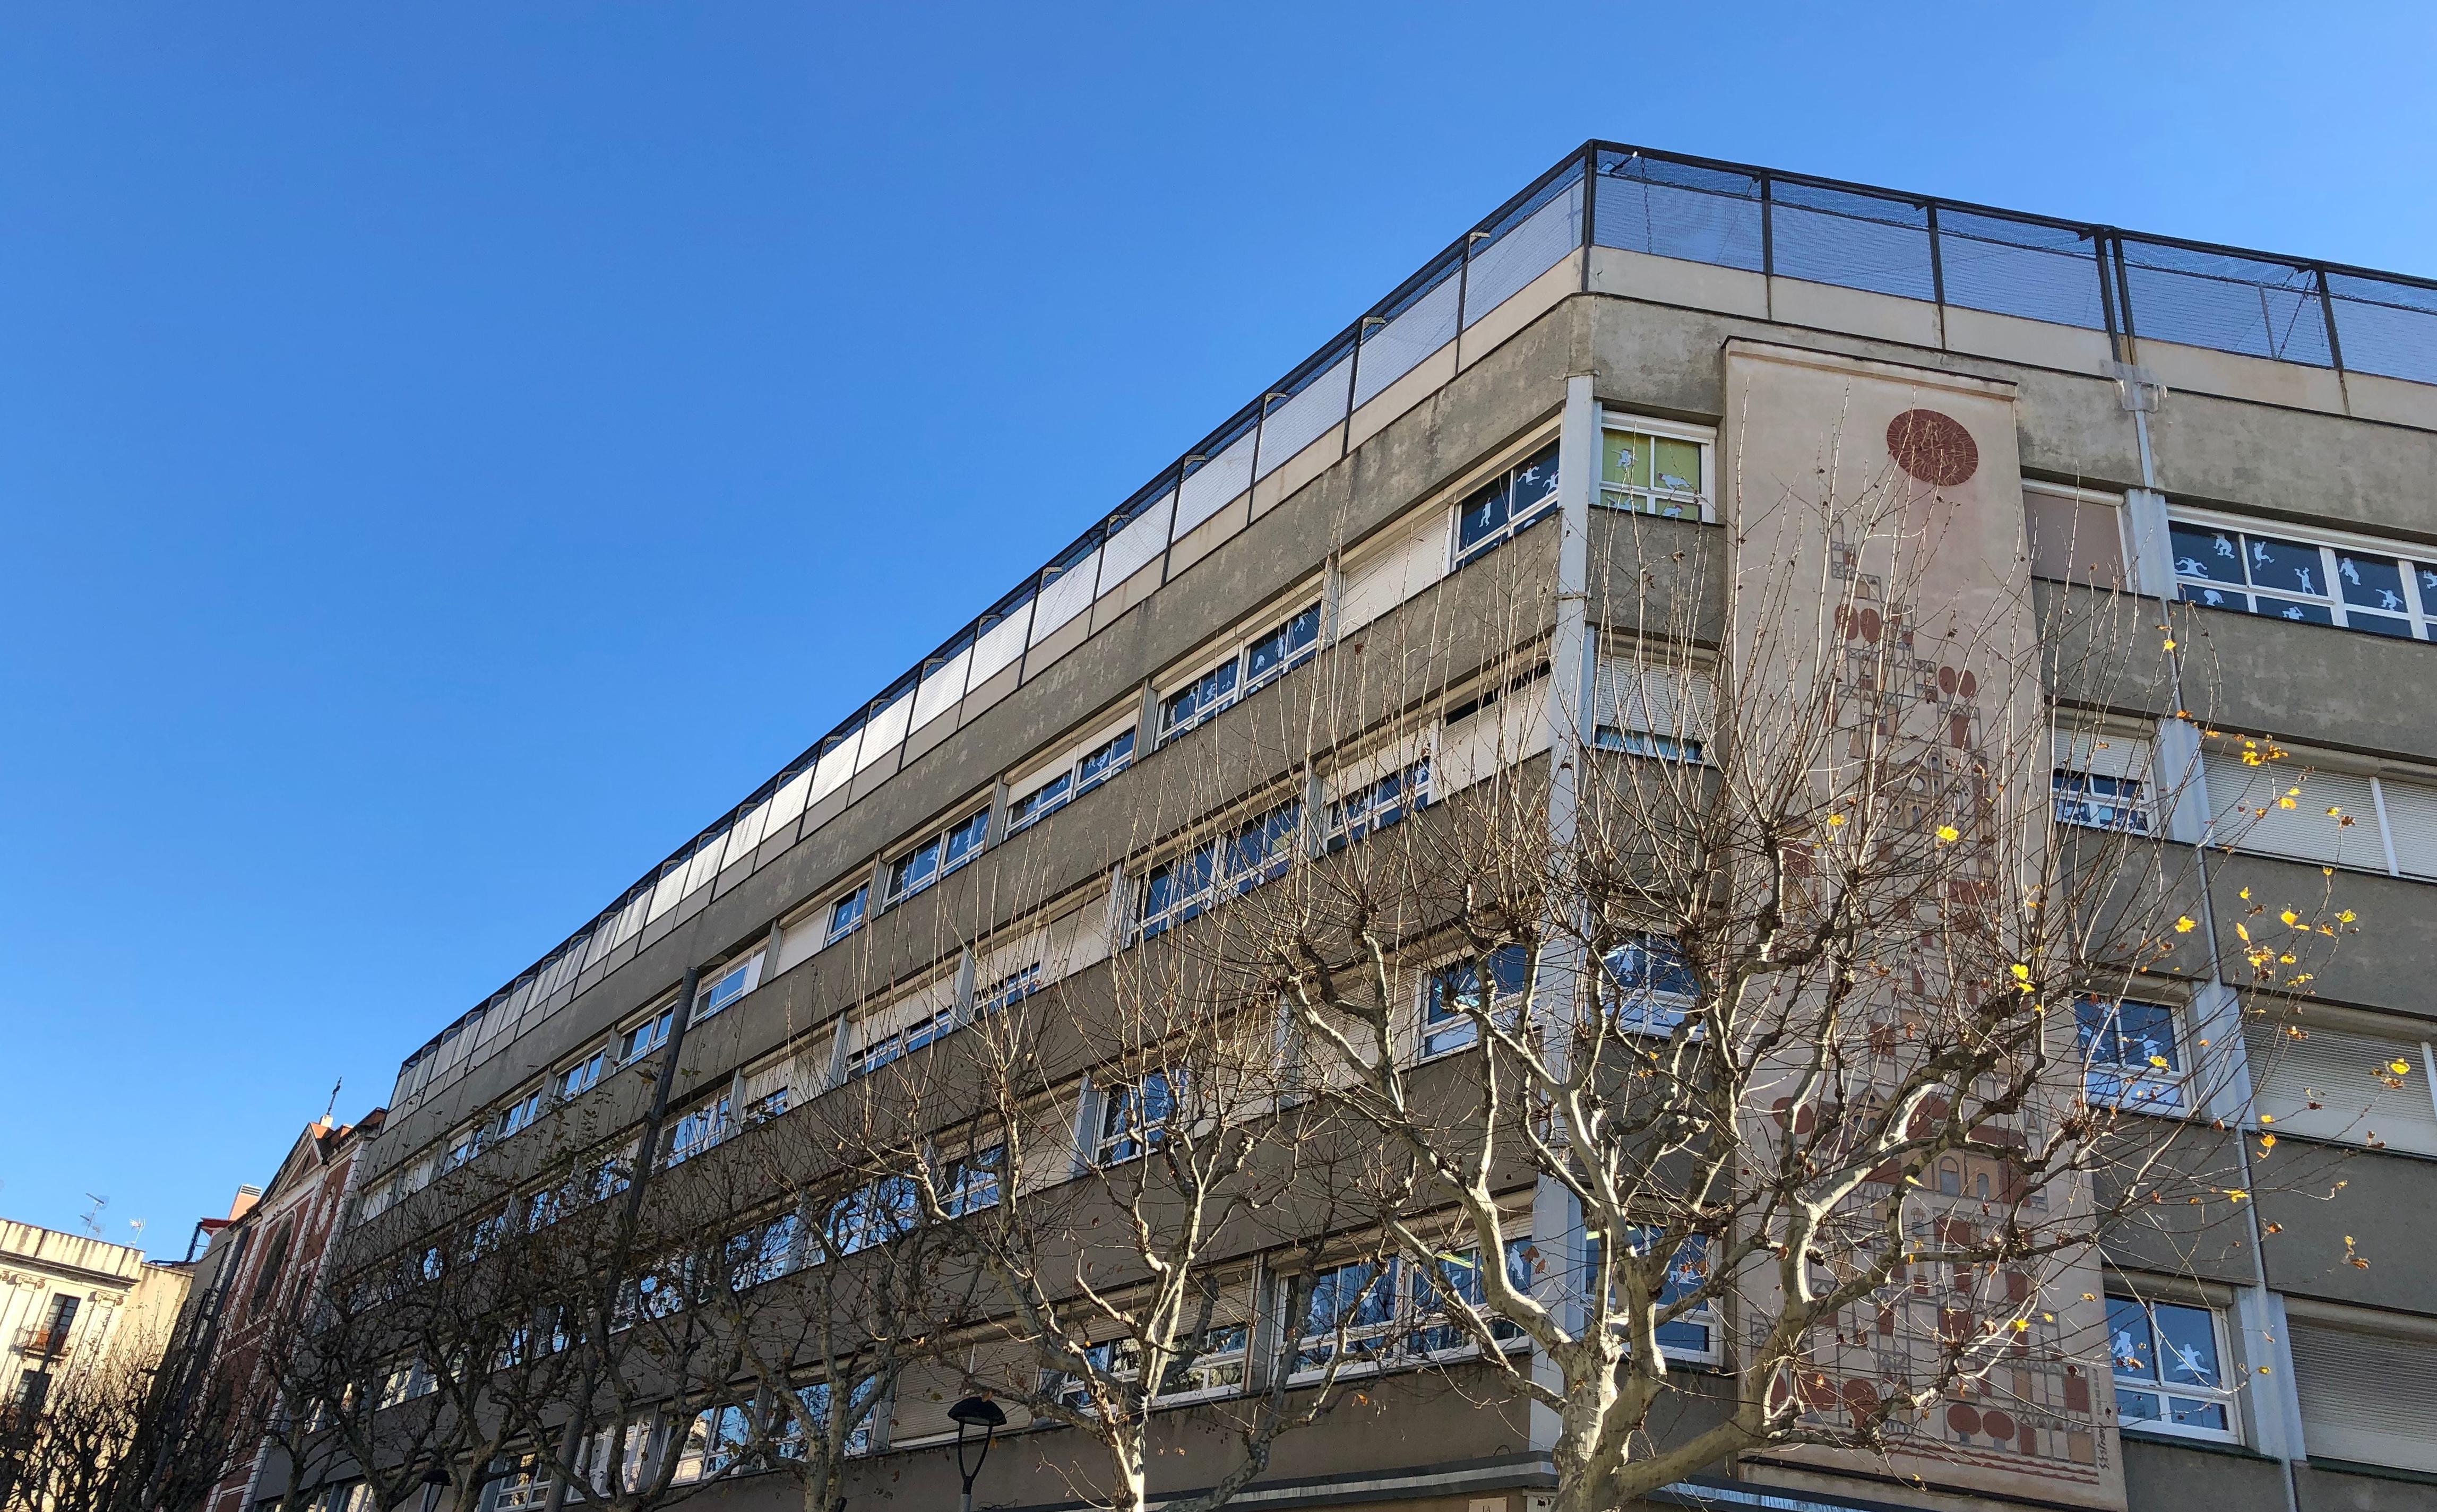 edifici de plaça